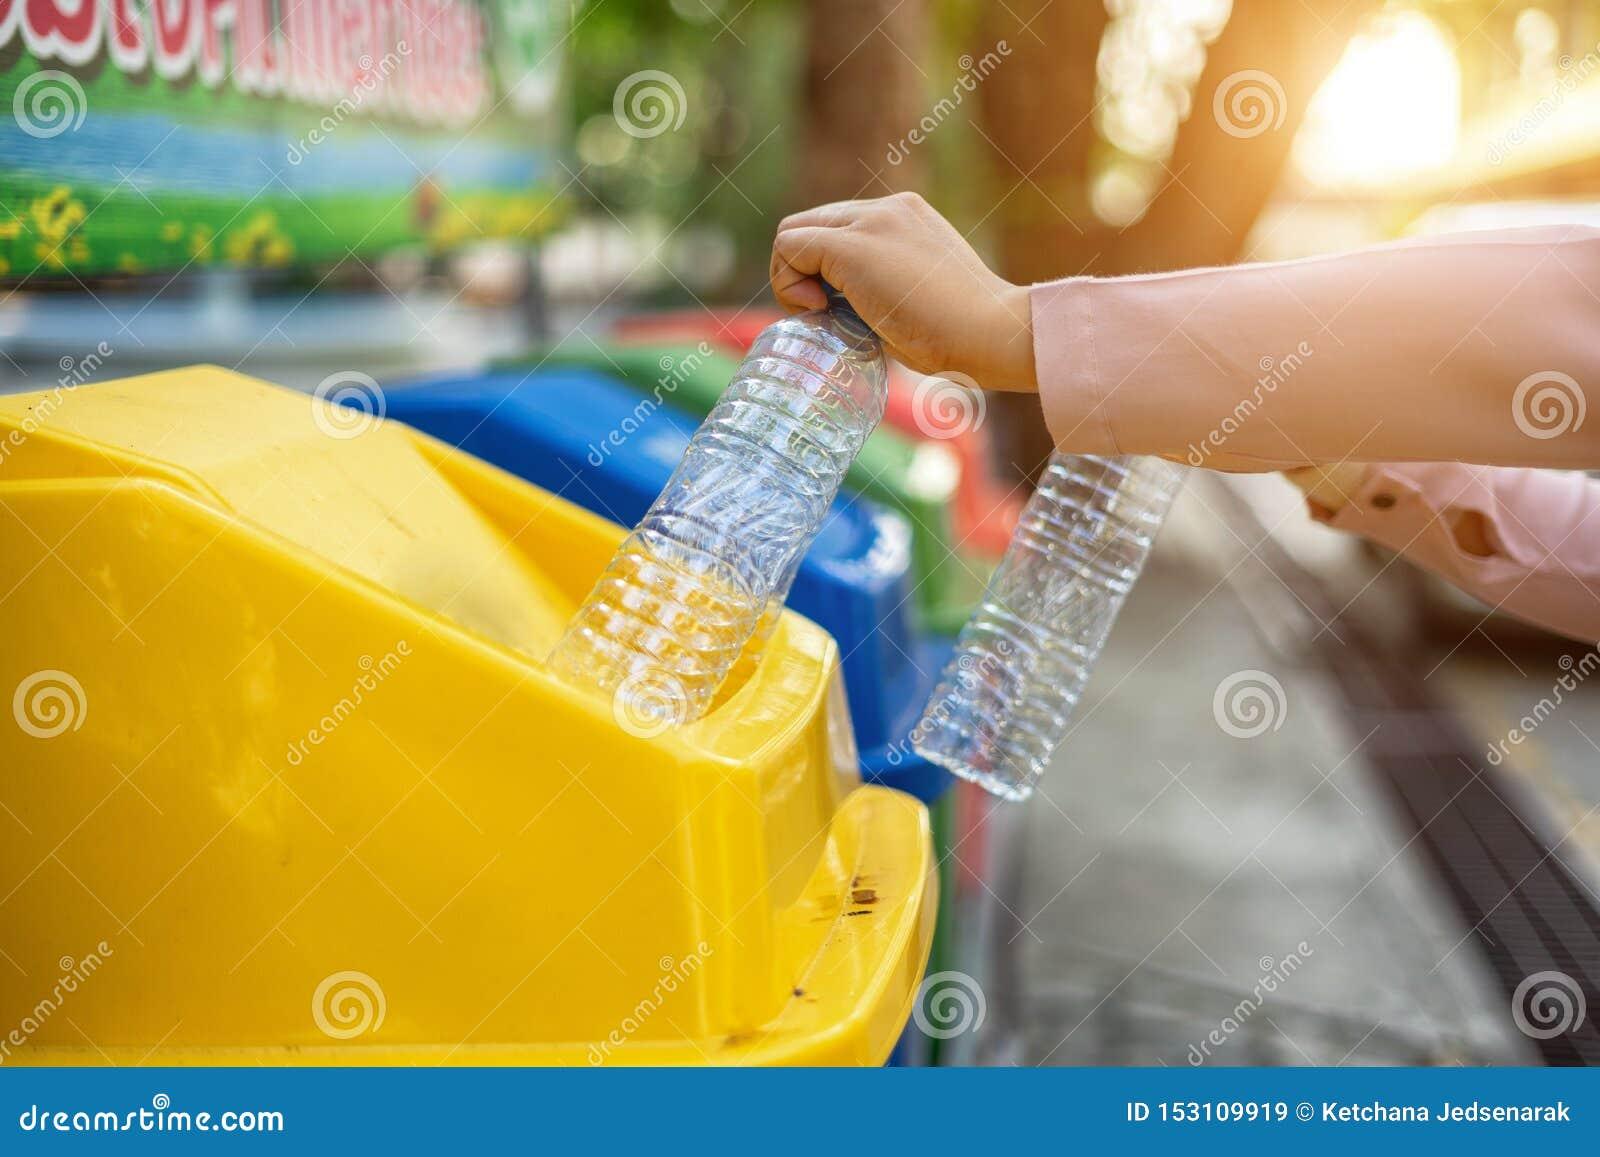 La separación de las botellas plásticas inútiles en las papeleras de reciclaje es proteger el ambiente, no causando ninguna conta